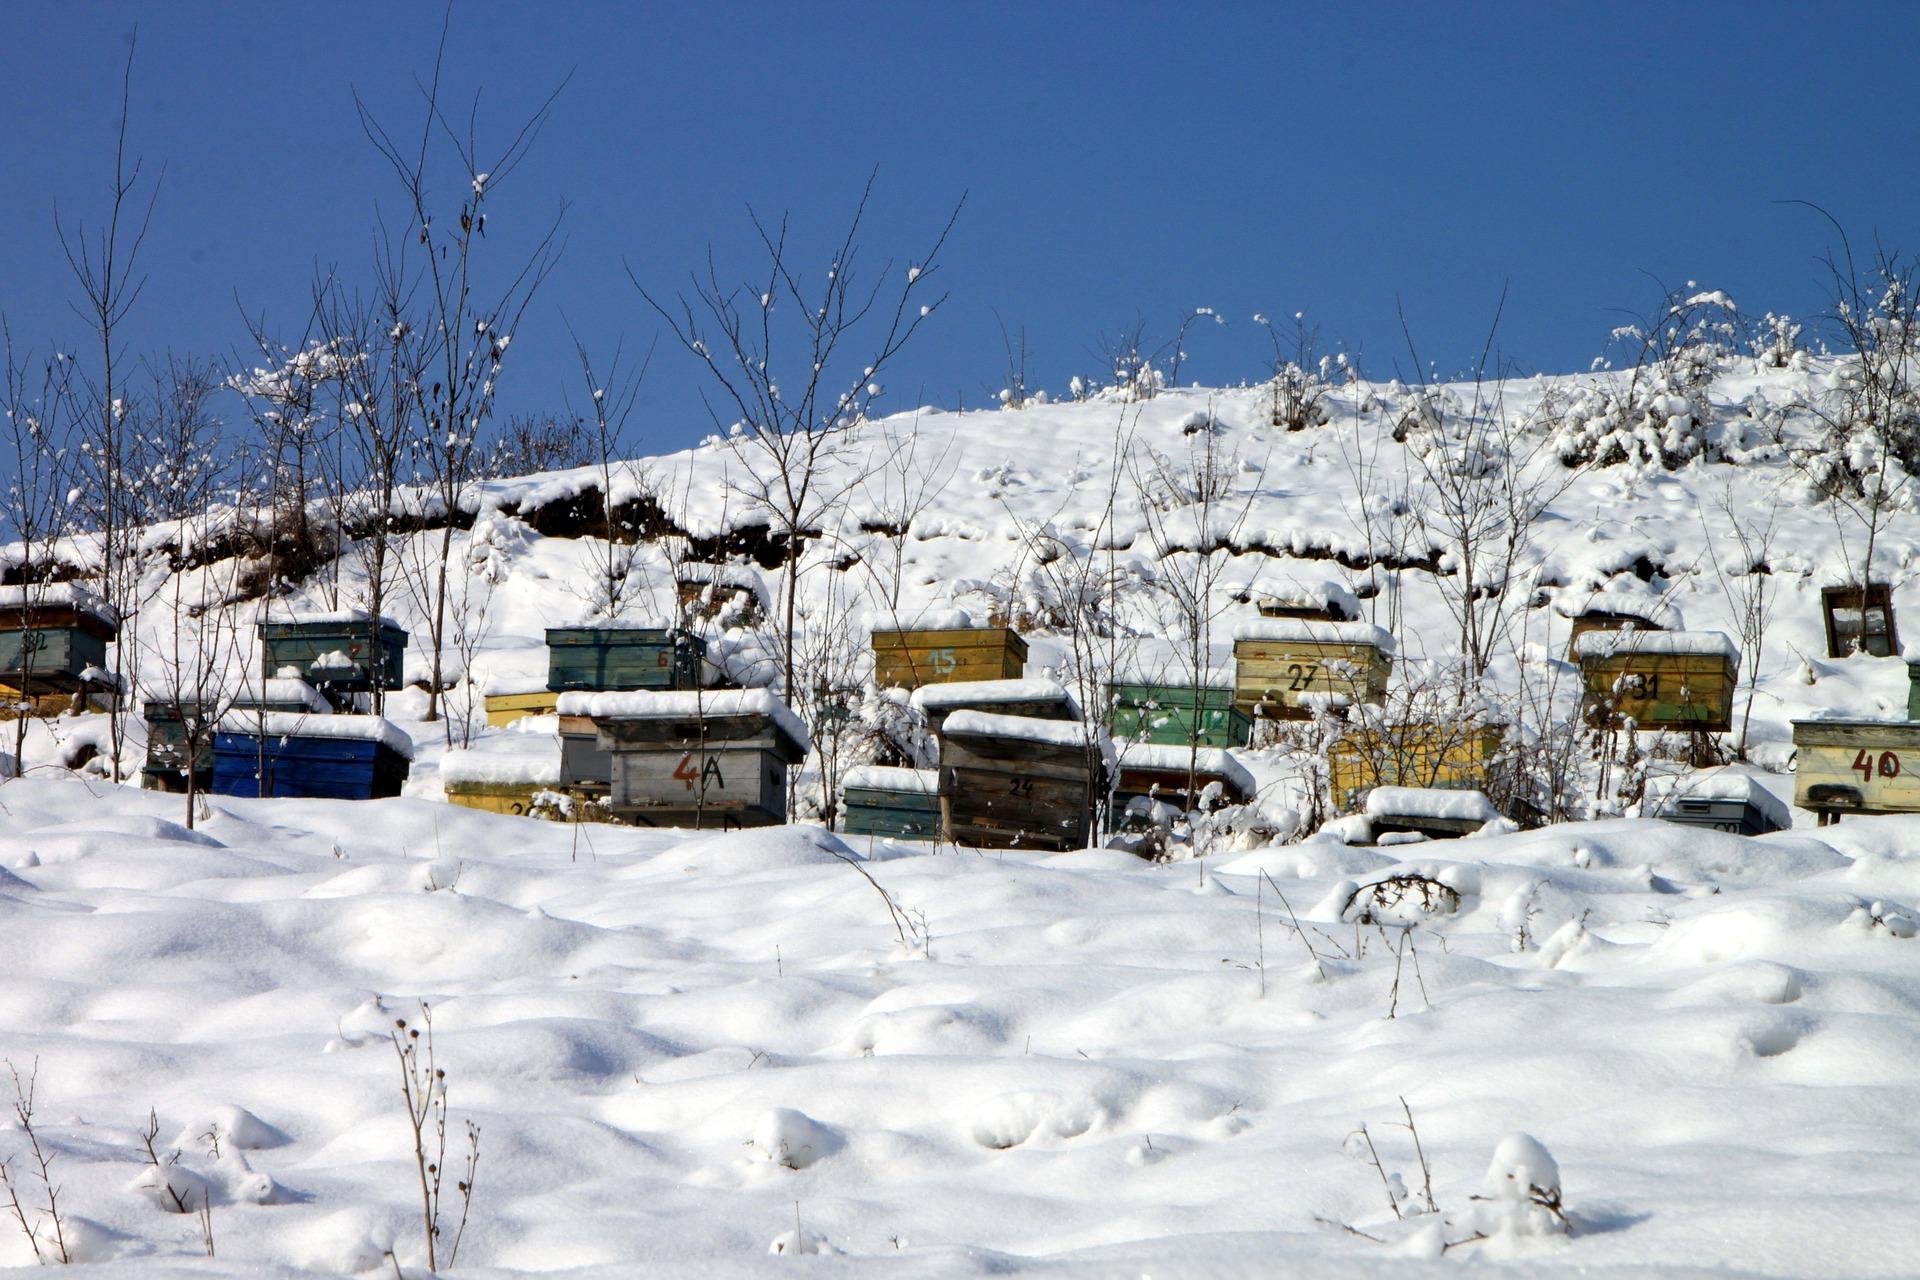 Machen Bienen eigentlich Winterschlaf?